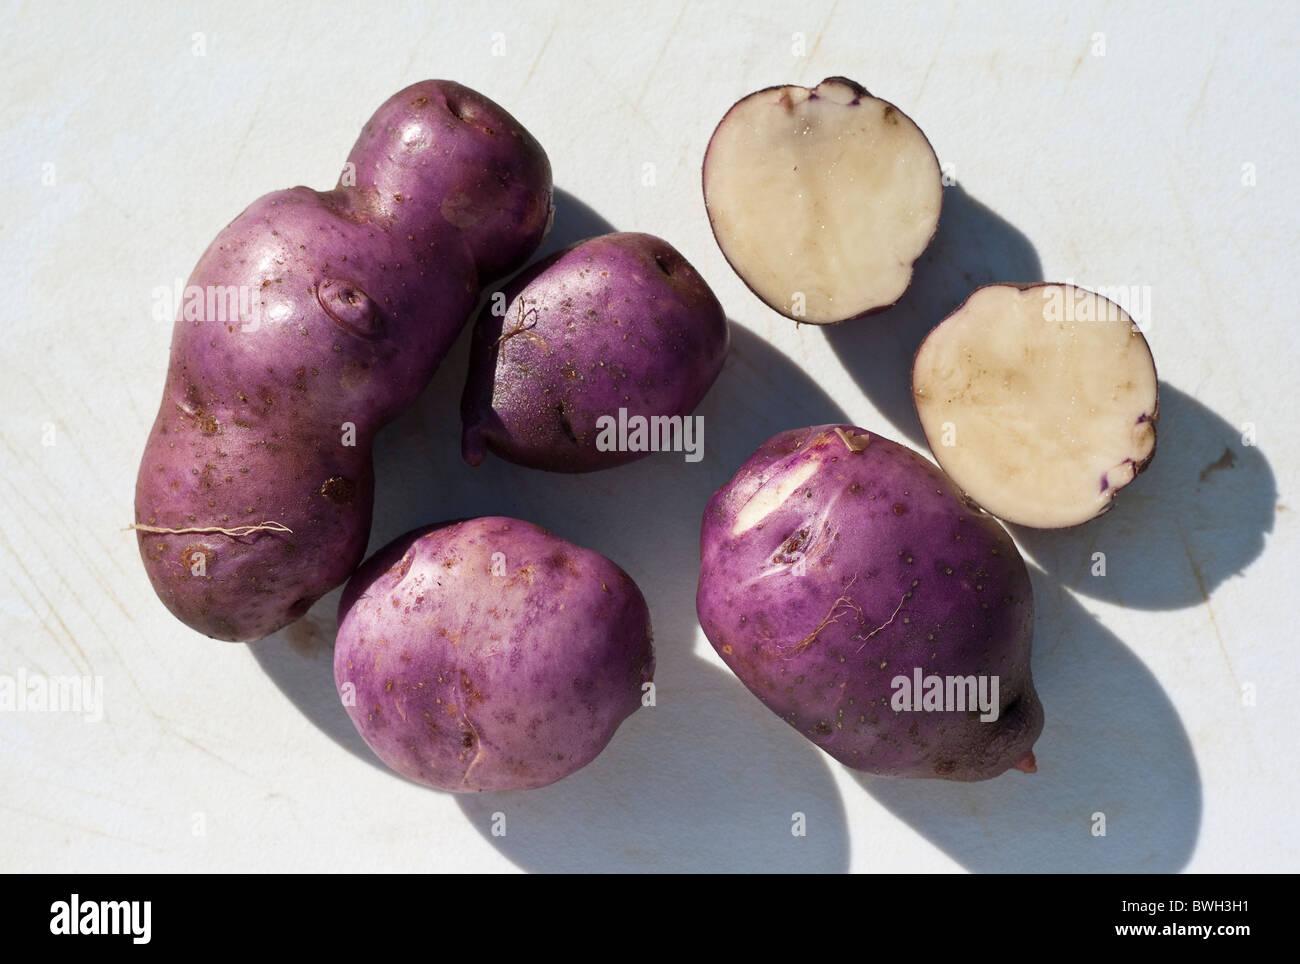 Purple-skinned Arran Victory potatoes just  harvested - Stock Image